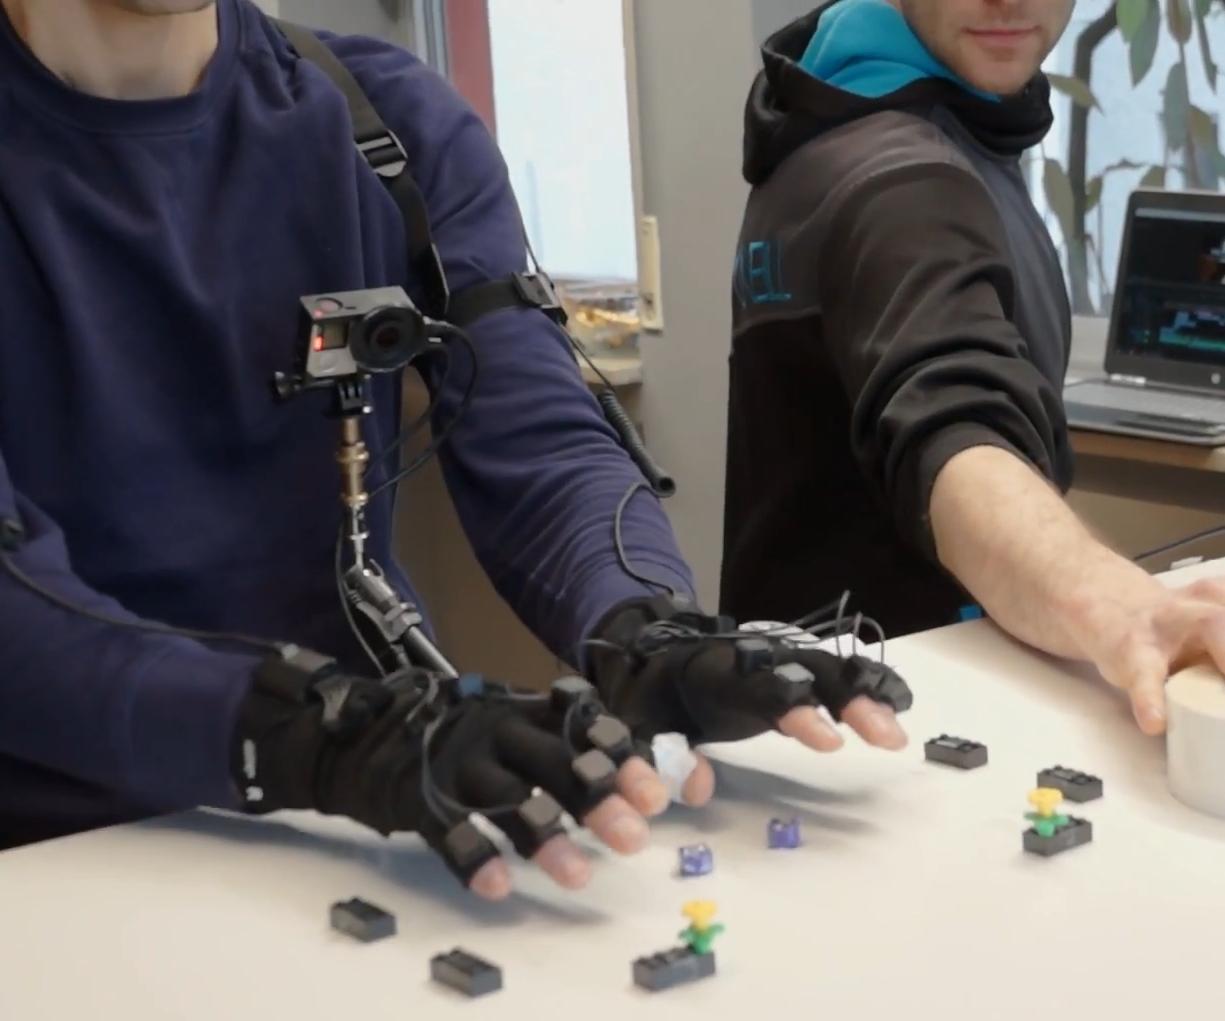 GTÜ Hands Making-Of - Hände mit Handschuh über dem Tisch